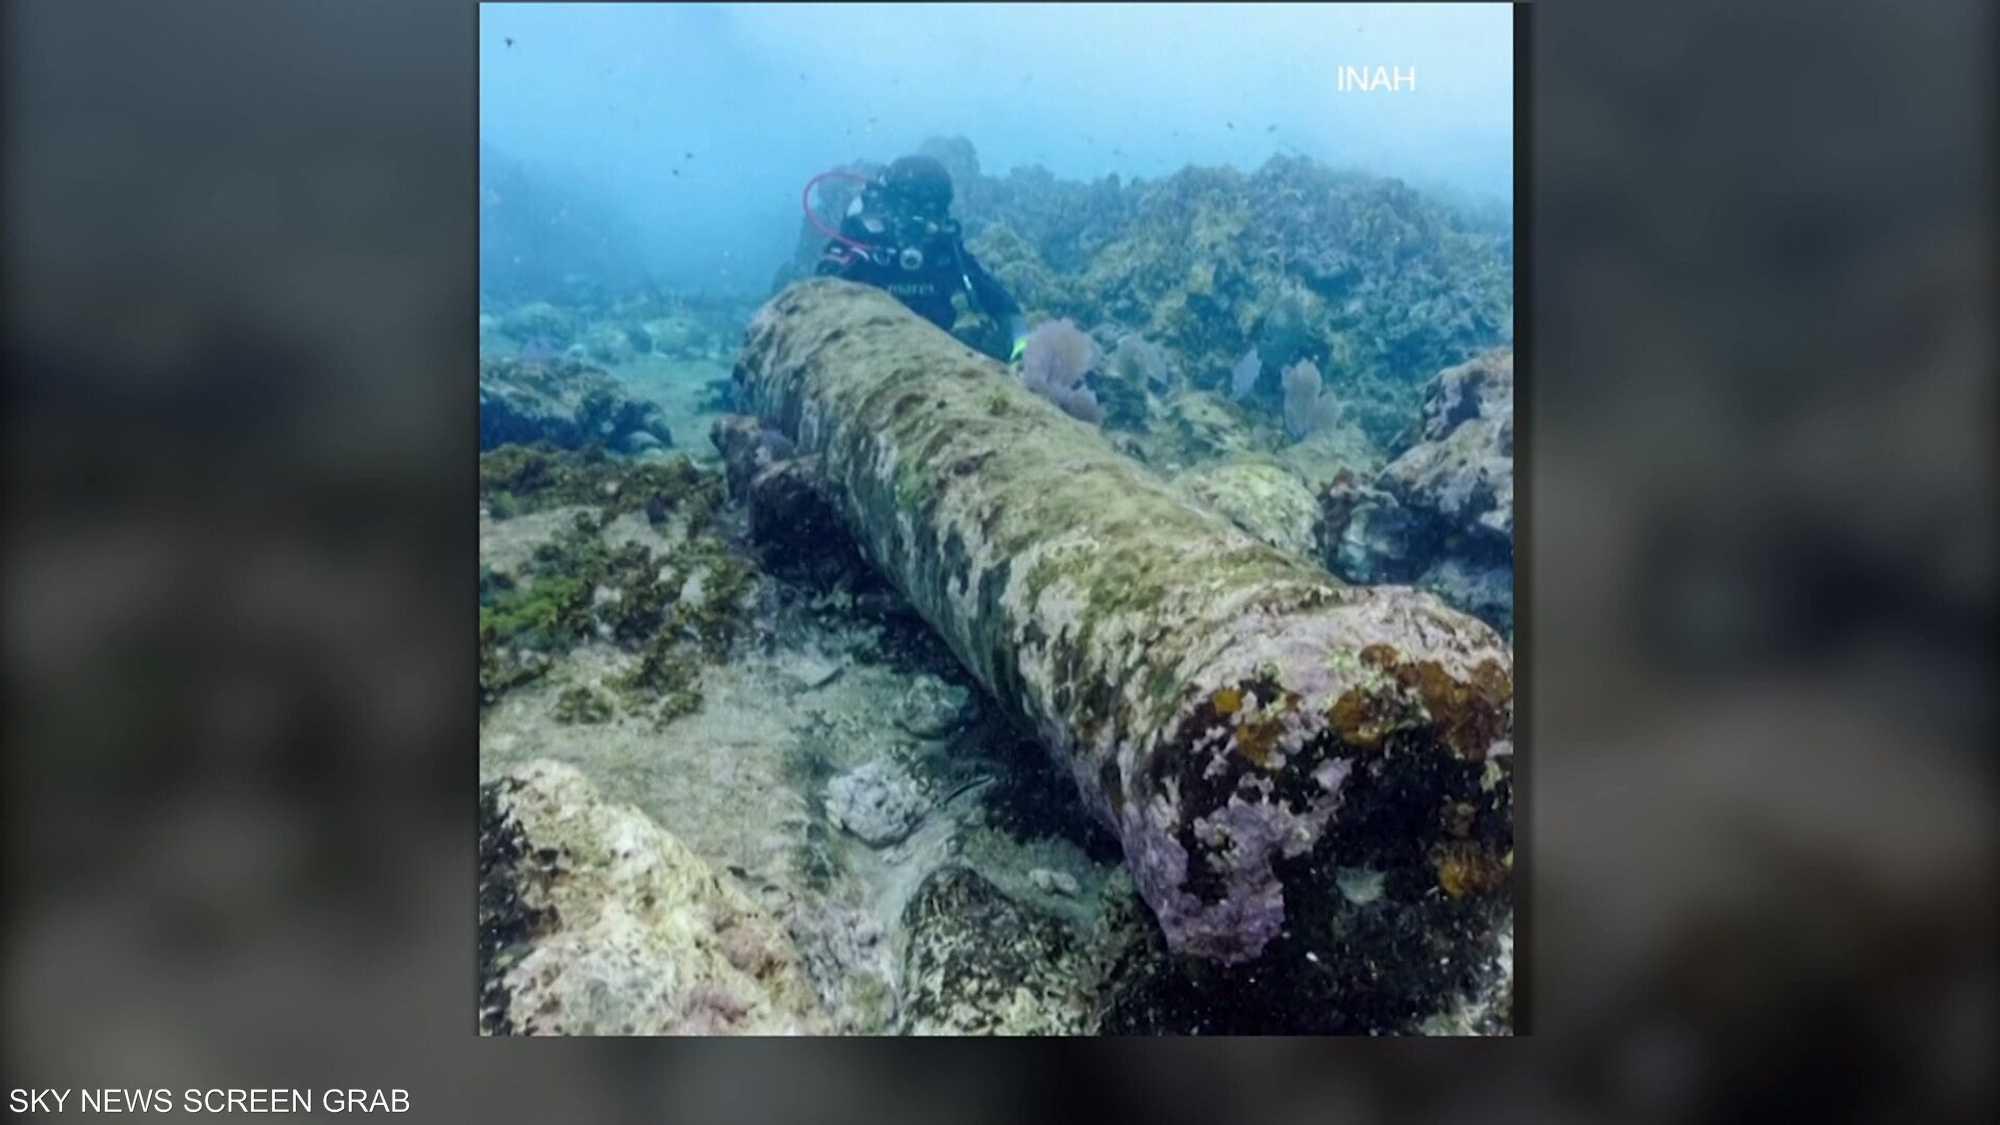 اكتشاف حطام سفينة عمرها 200 عام بالمكسيك